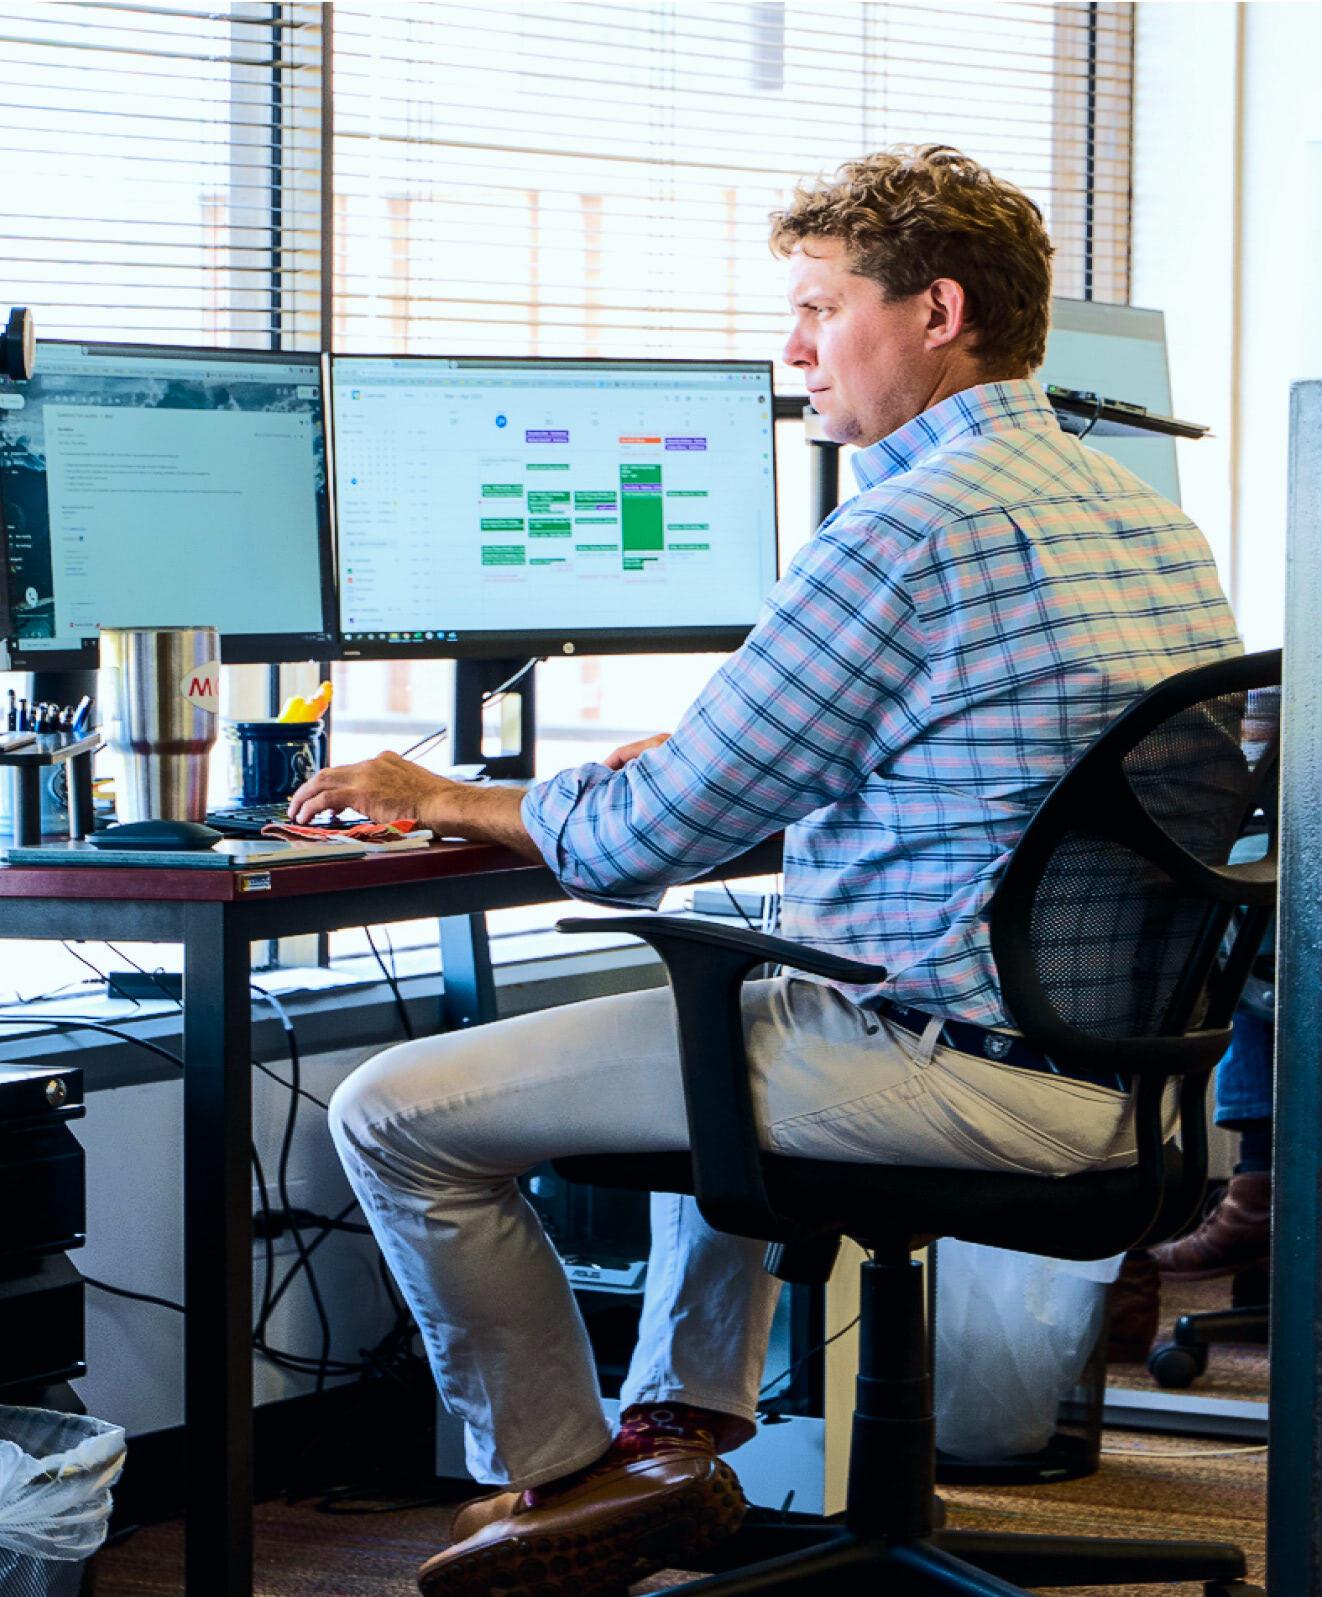 Man sitting at desk looking at dual monitors